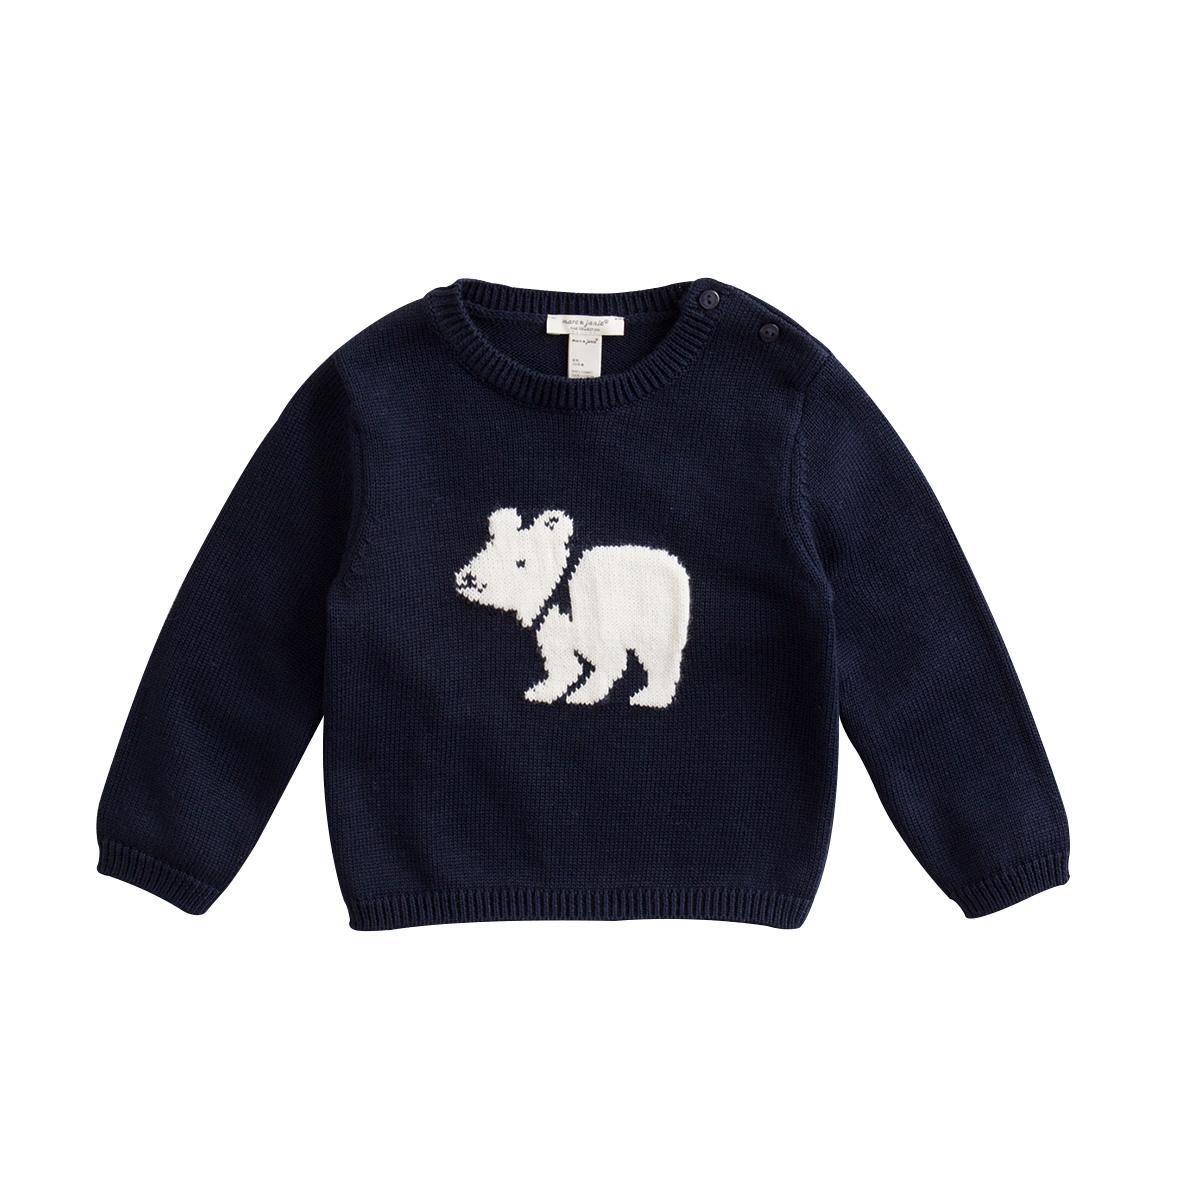 马克珍妮冬装男女童提花纯棉毛衣 宝宝毛线衫套头衫76115